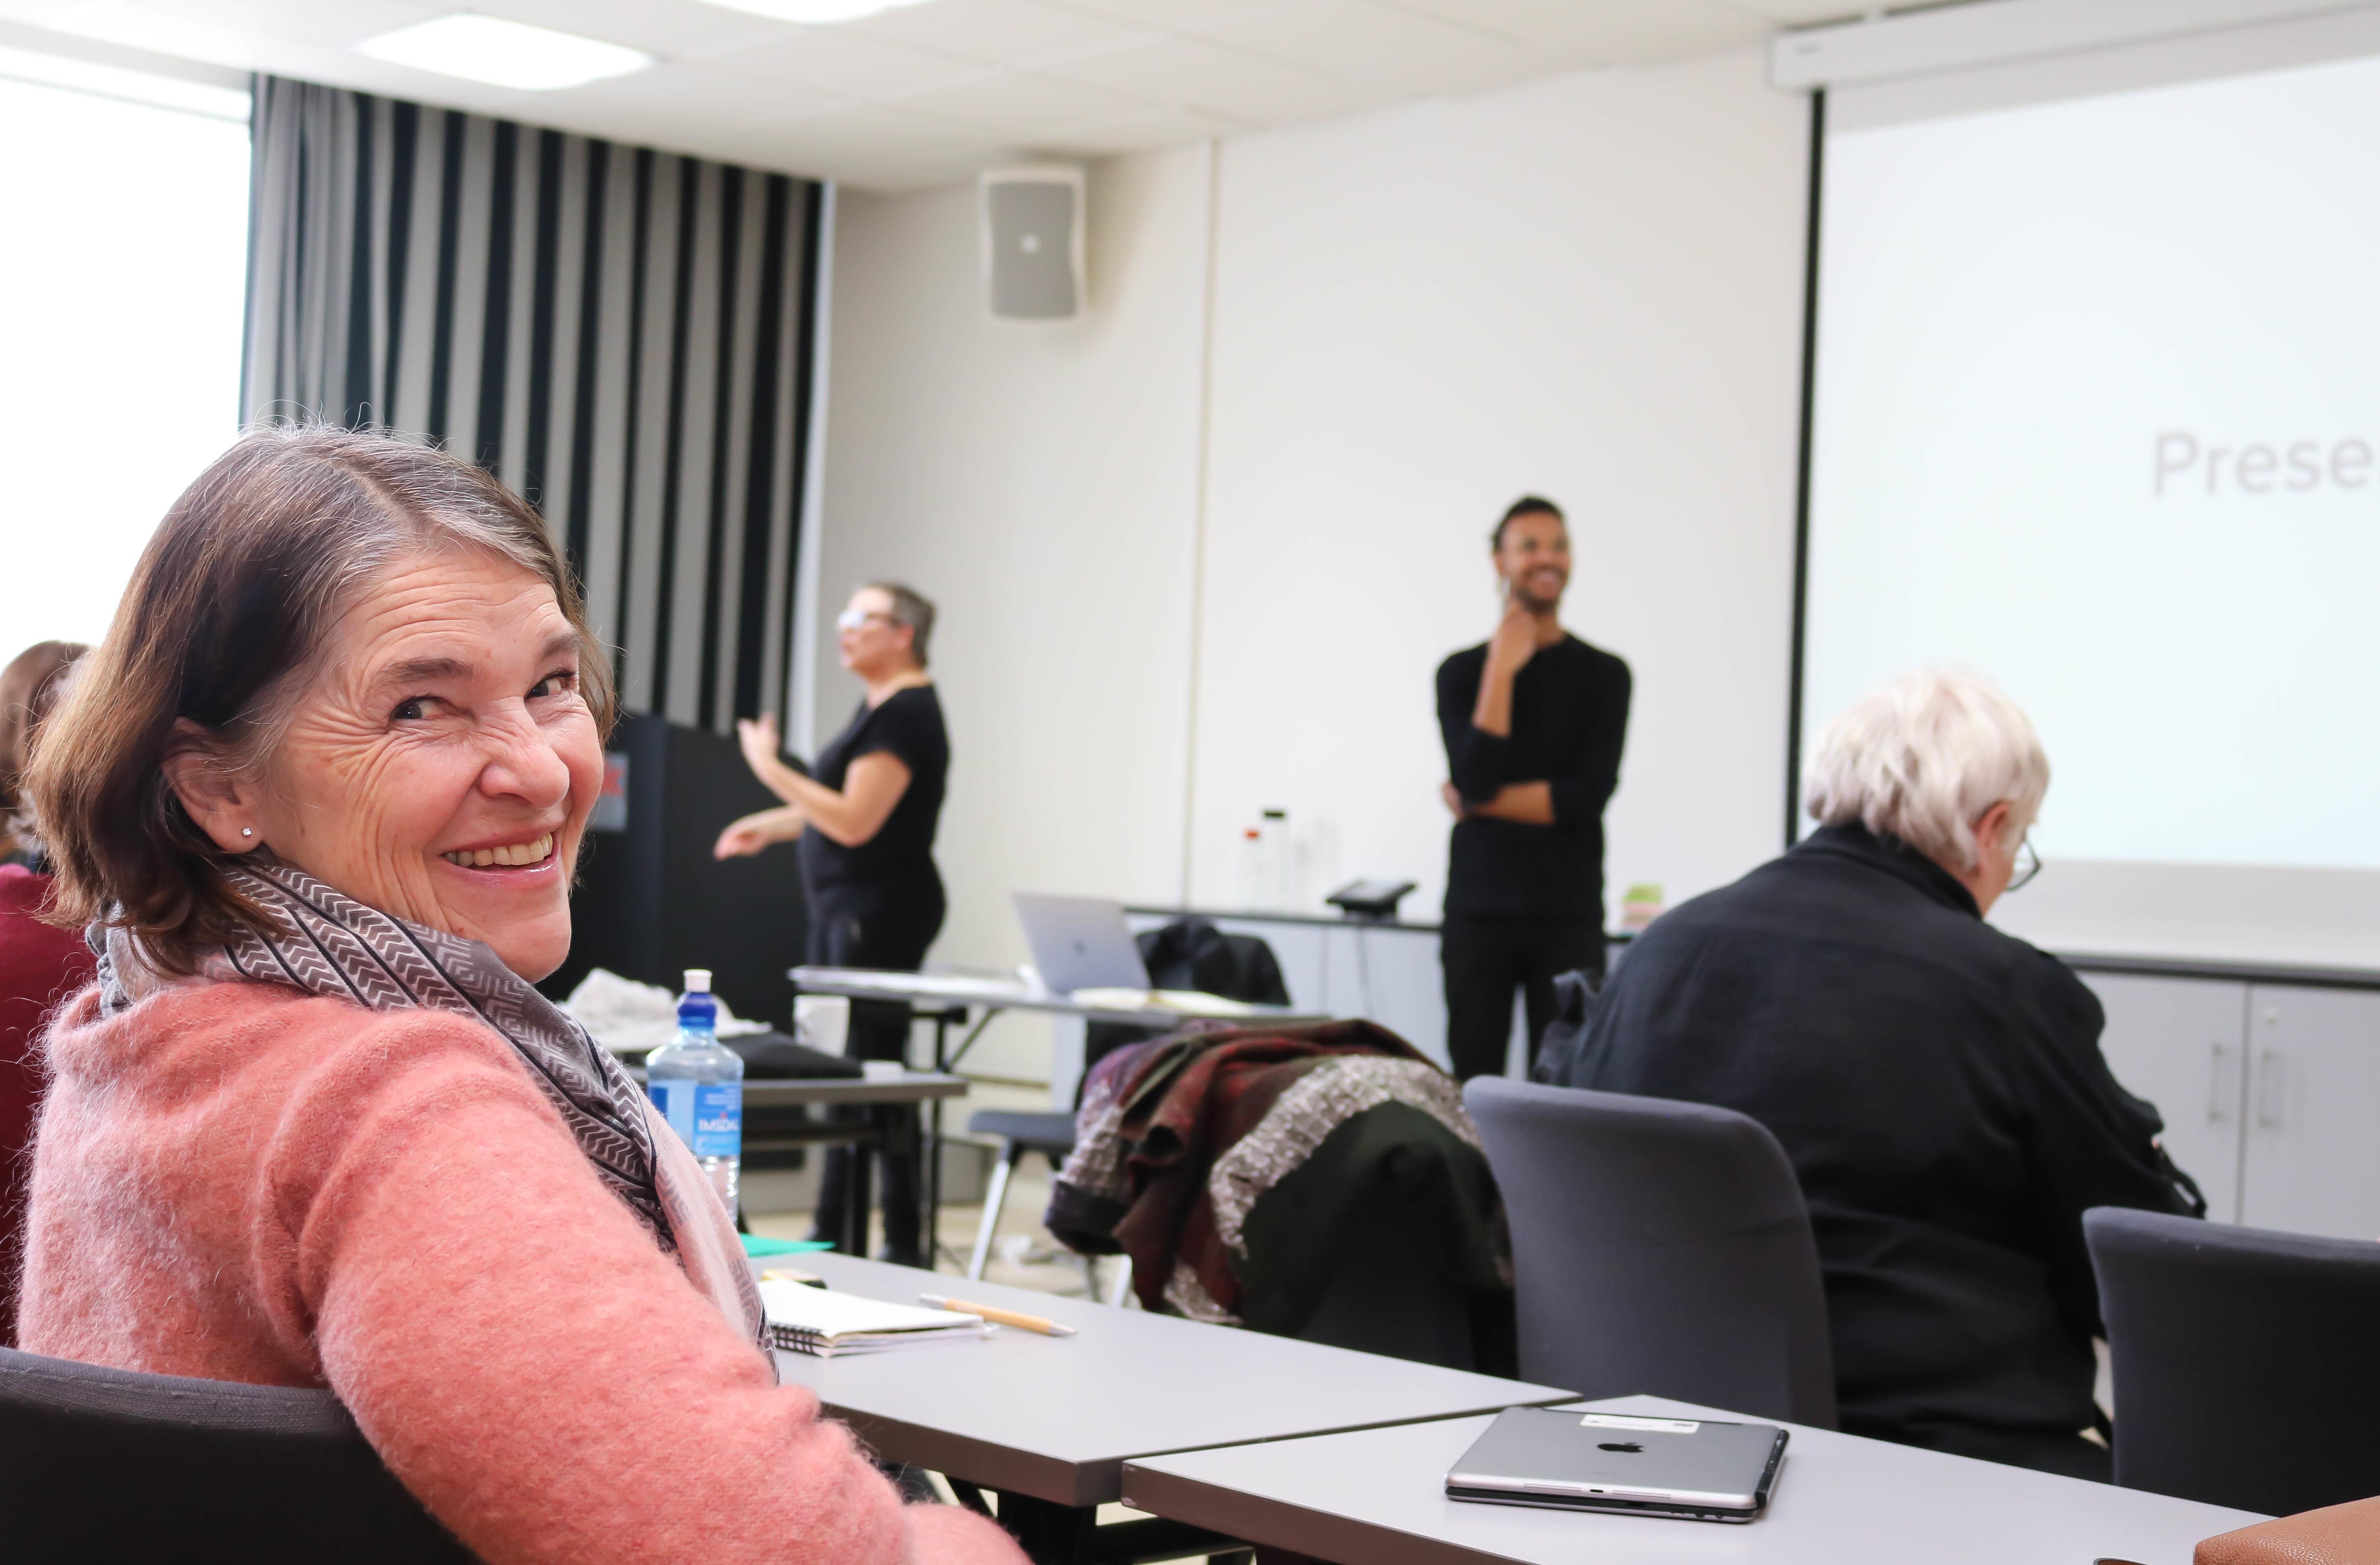 Kvinne ser inn i kamera, mens mann i bakgrunnen holder foredrag. Til venstre for ham står en kvinnelig tolk.